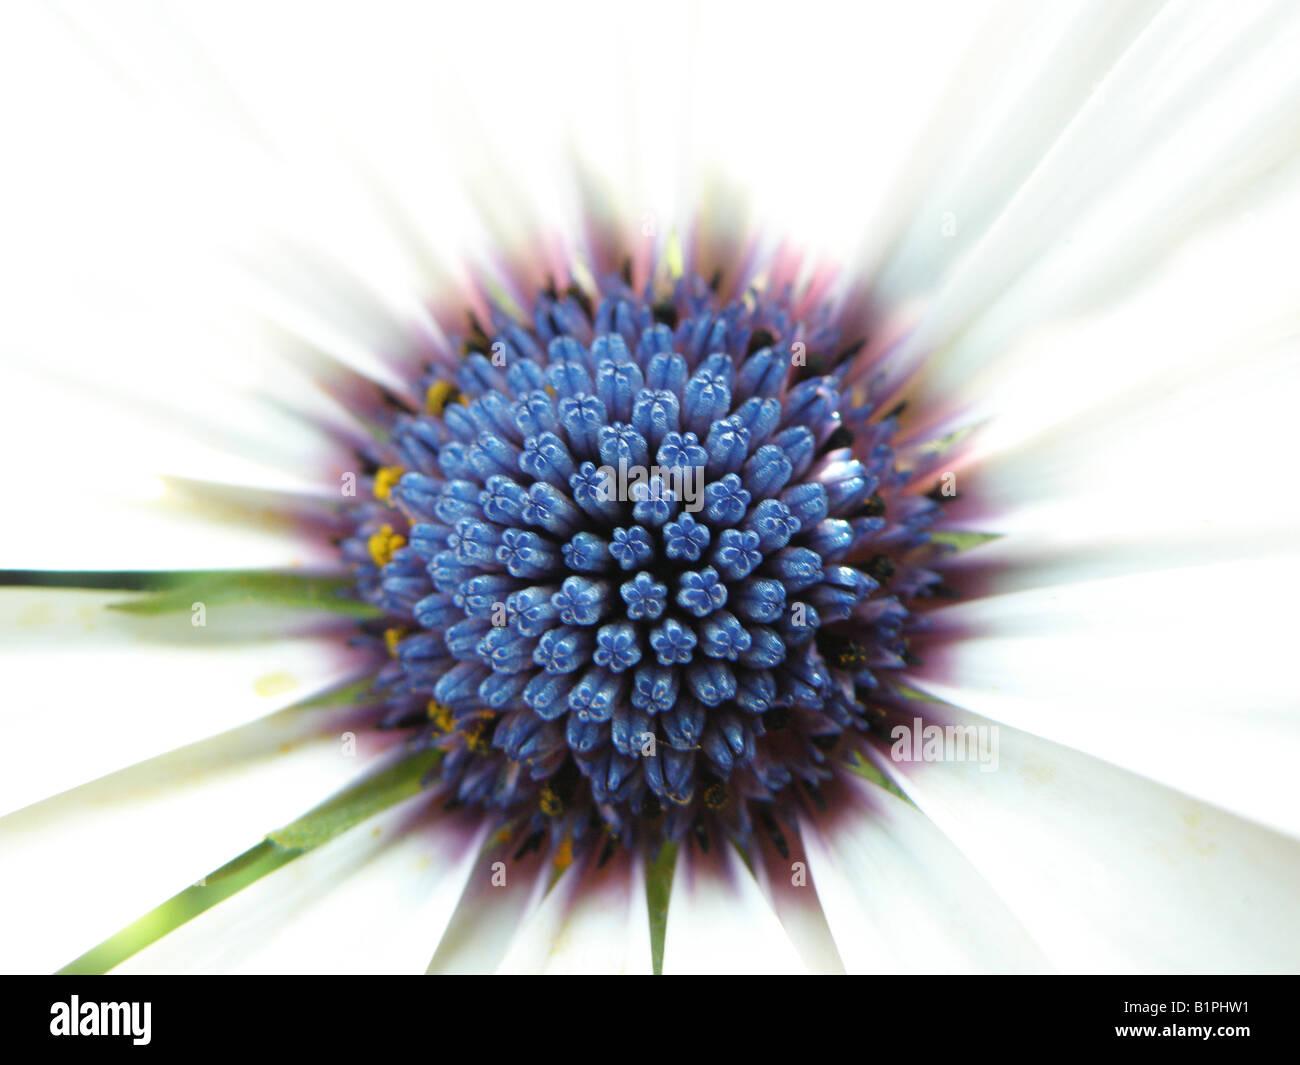 White osteospermum flower with blue centre stock photo 18321997 alamy white osteospermum flower with blue centre mightylinksfo